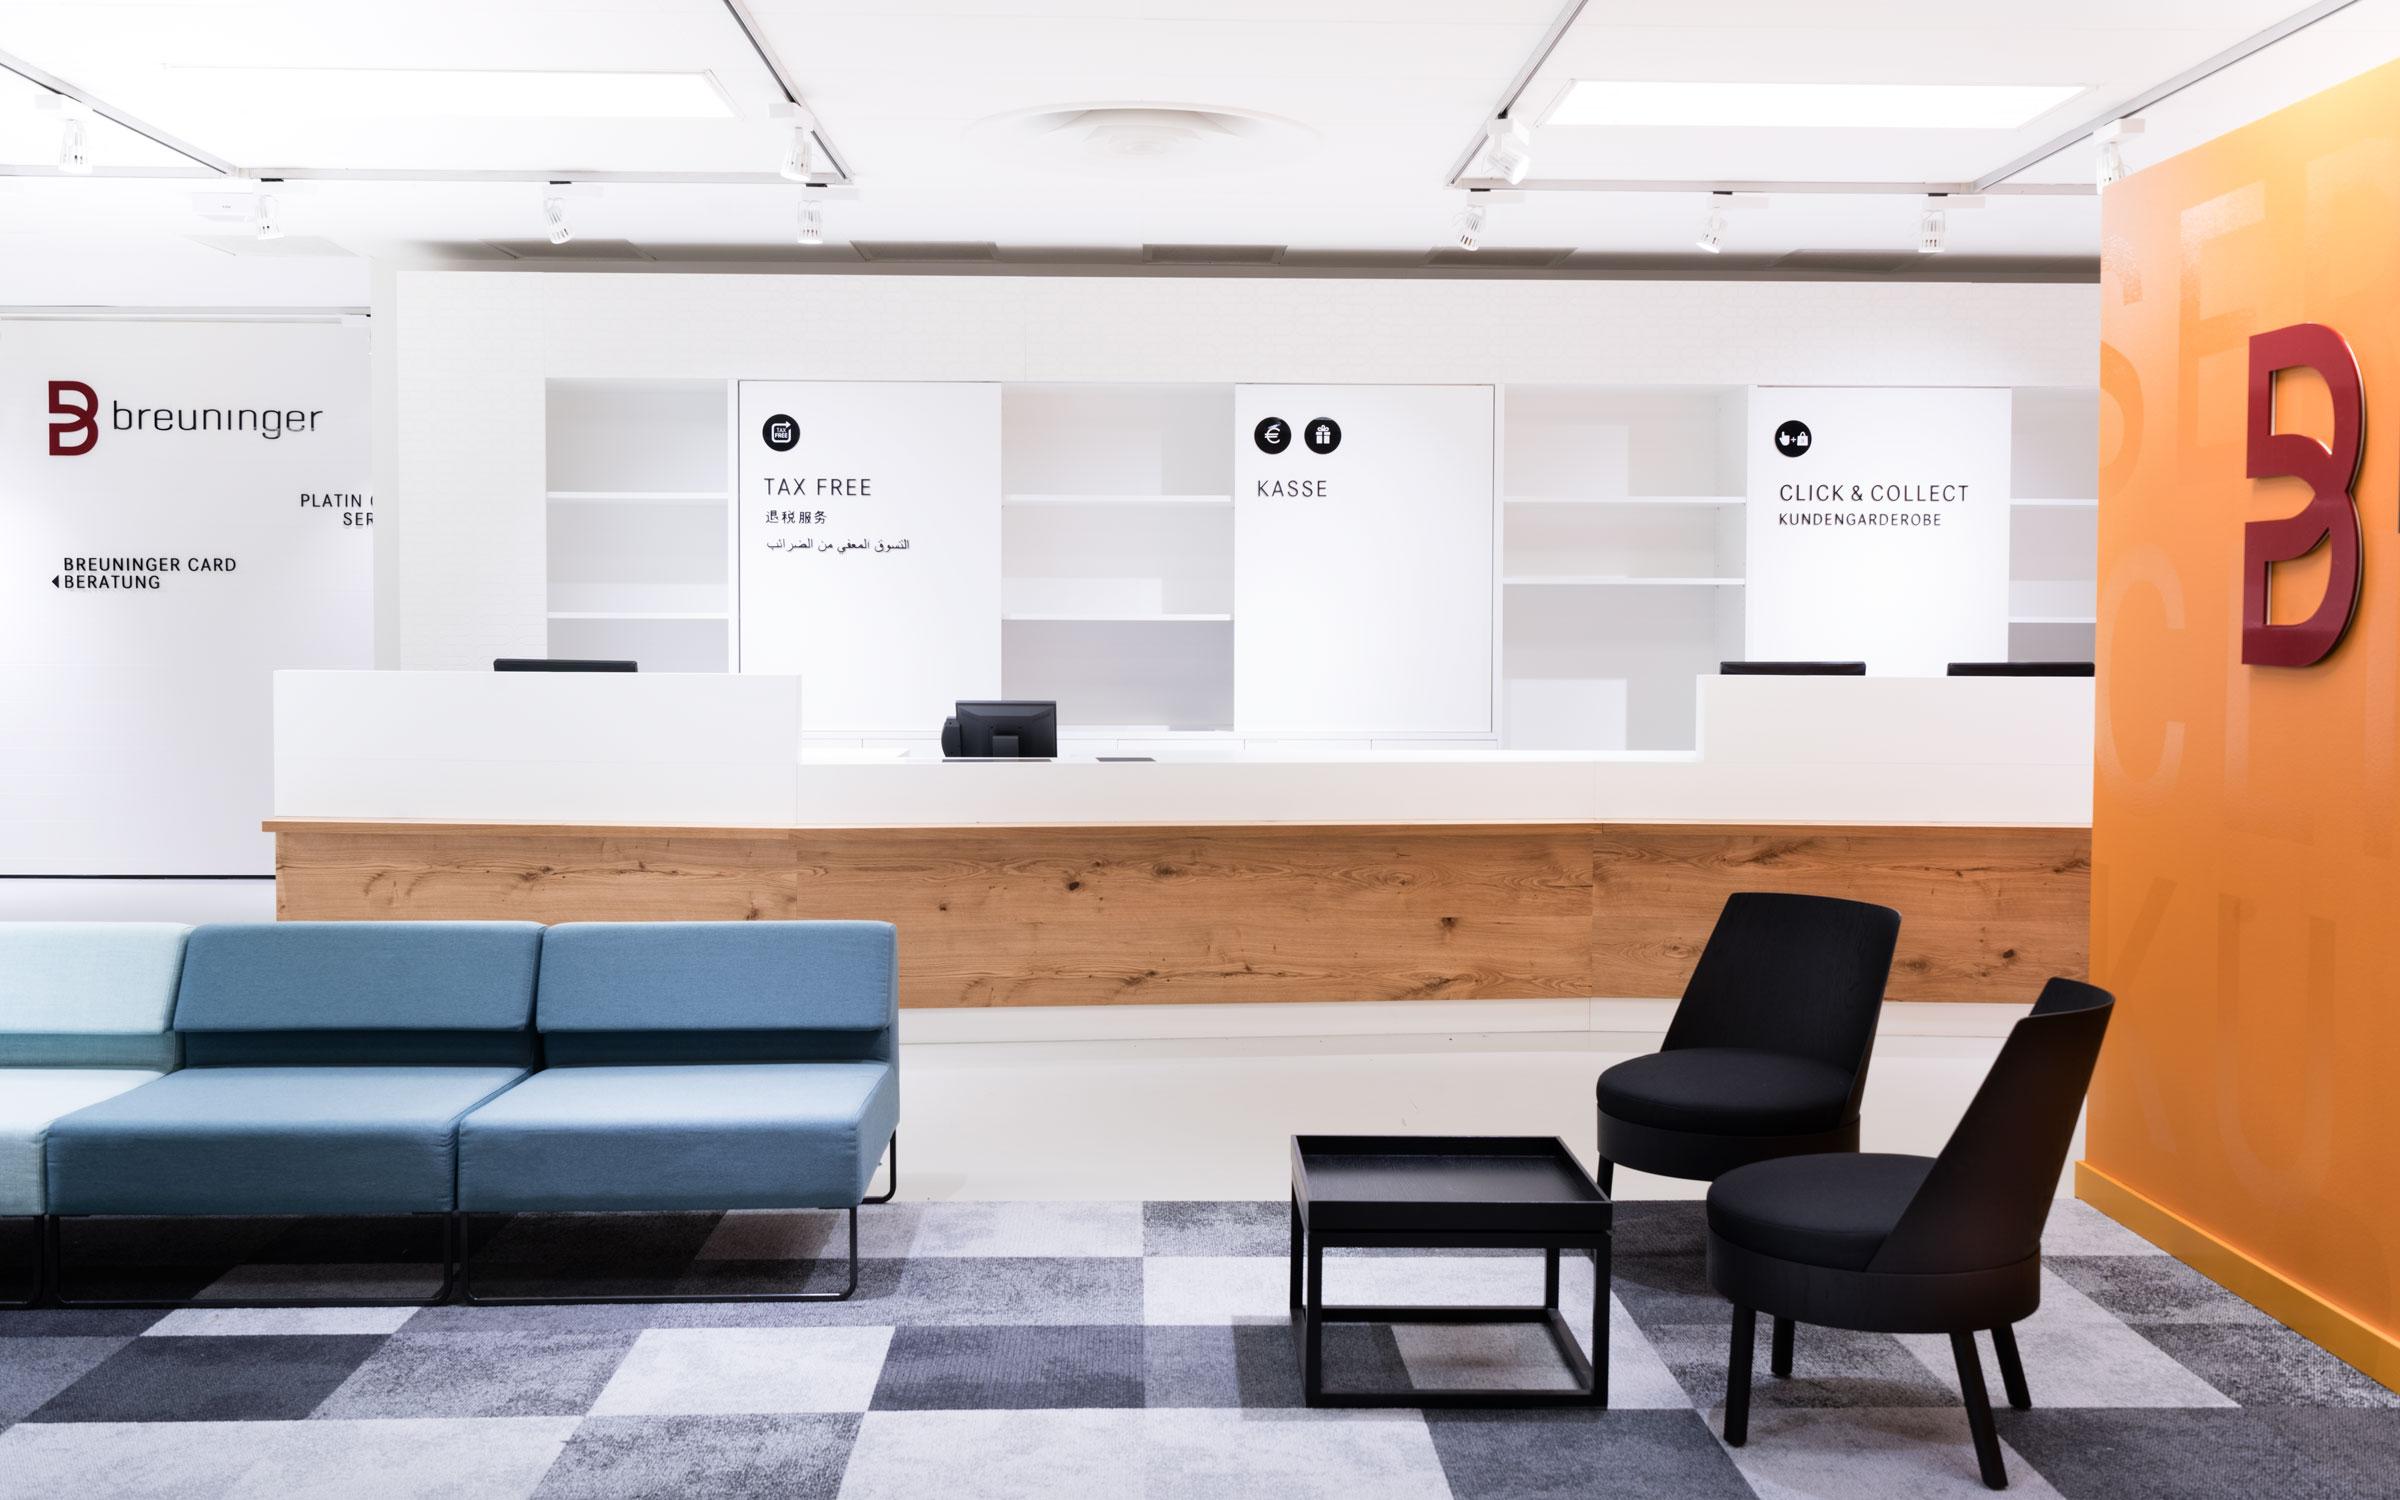 Breuninger Kundenservice, Service